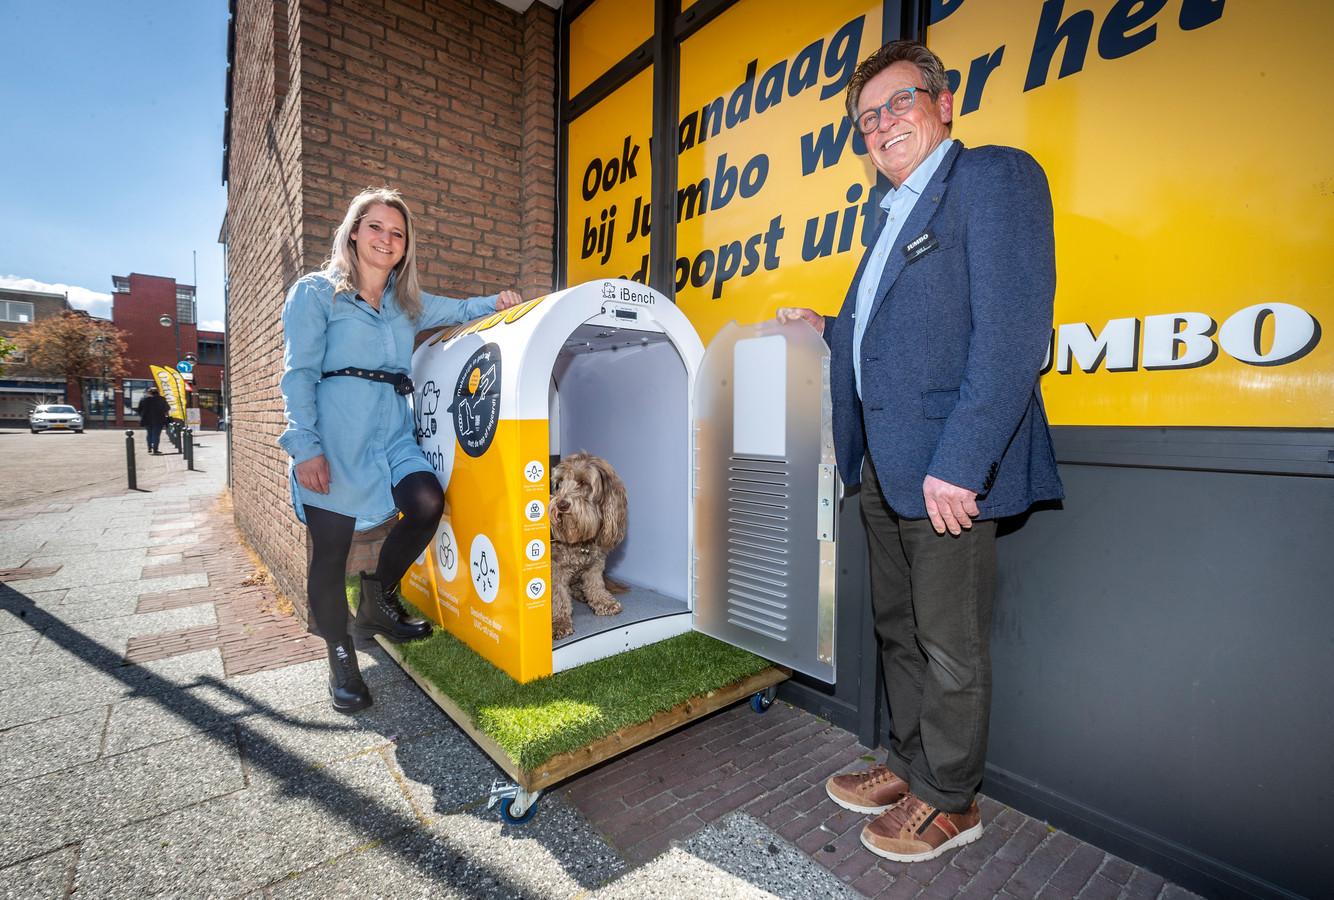 Een supermarkt in Budel heeft een hypermoderne bench in gebruik genomen. Labradoodle Júp test het onderkomen onder toeziend oog van supermarktmanager Wil Hesselberth en Haske de Laat van iBench.